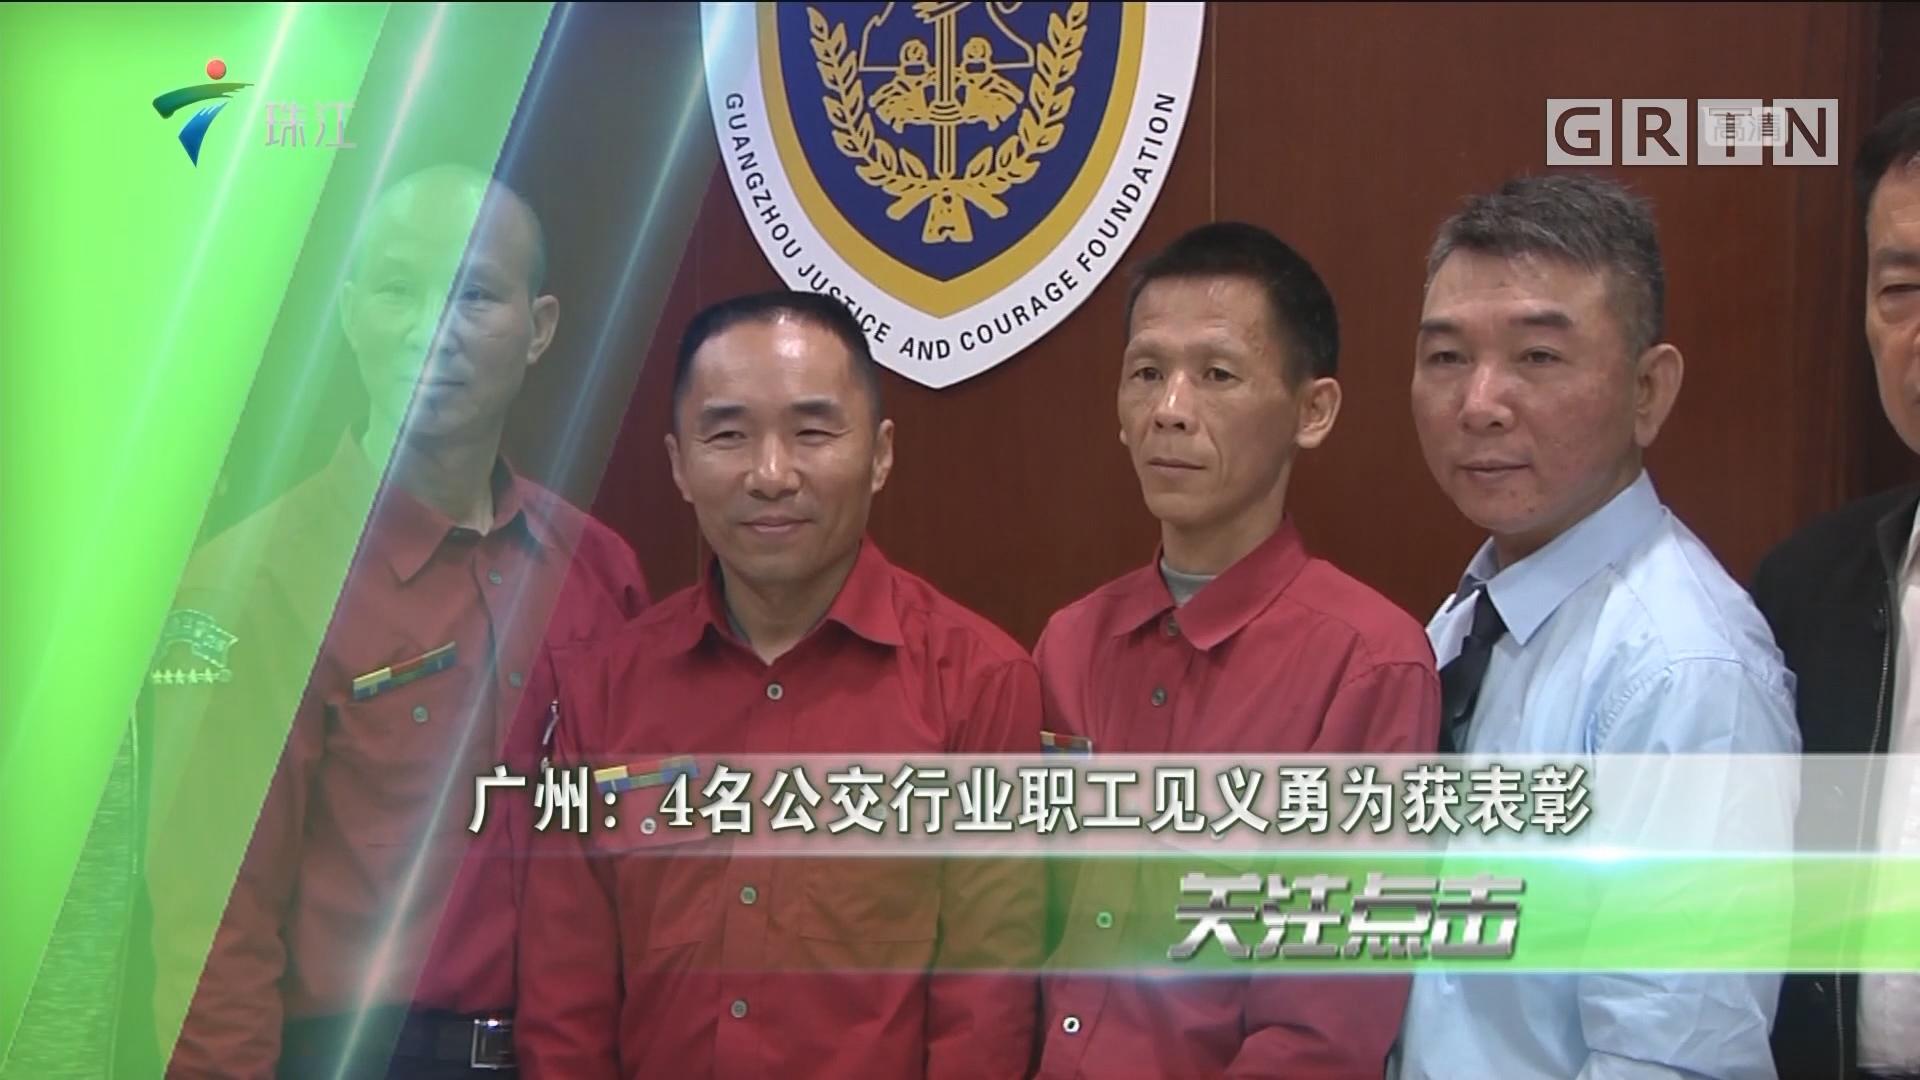 广州:4名公交行业职工见义勇为获表彰